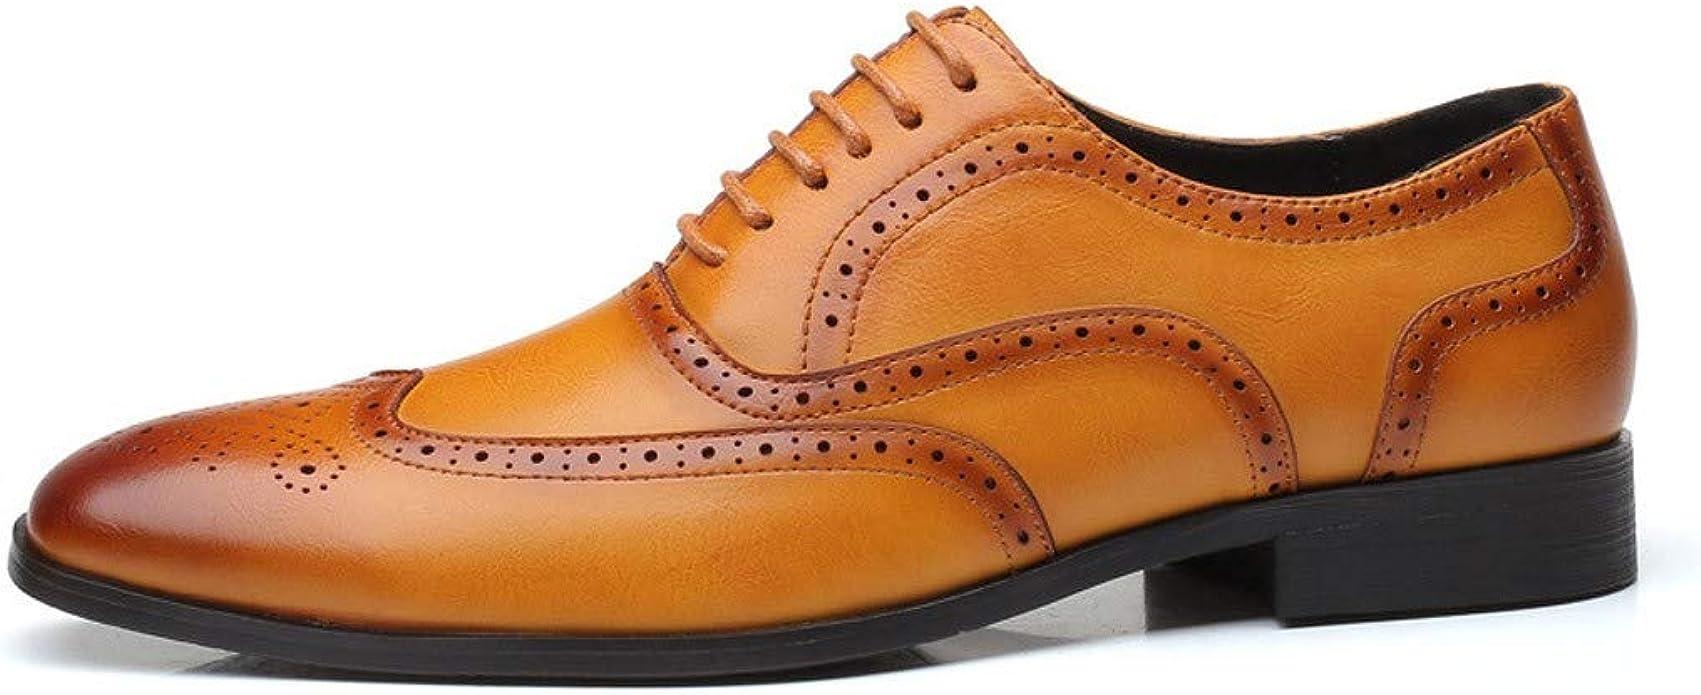 Moonuy Hommes Chaussures Habill/ées Mode Homme Britannique Chaussures en Cuir Hommes Pointu Toe Chaussures D/écontract/ées Hommes Vintage Lacet Solide Chaussures Hommes Costume Chaussures /Ét/é